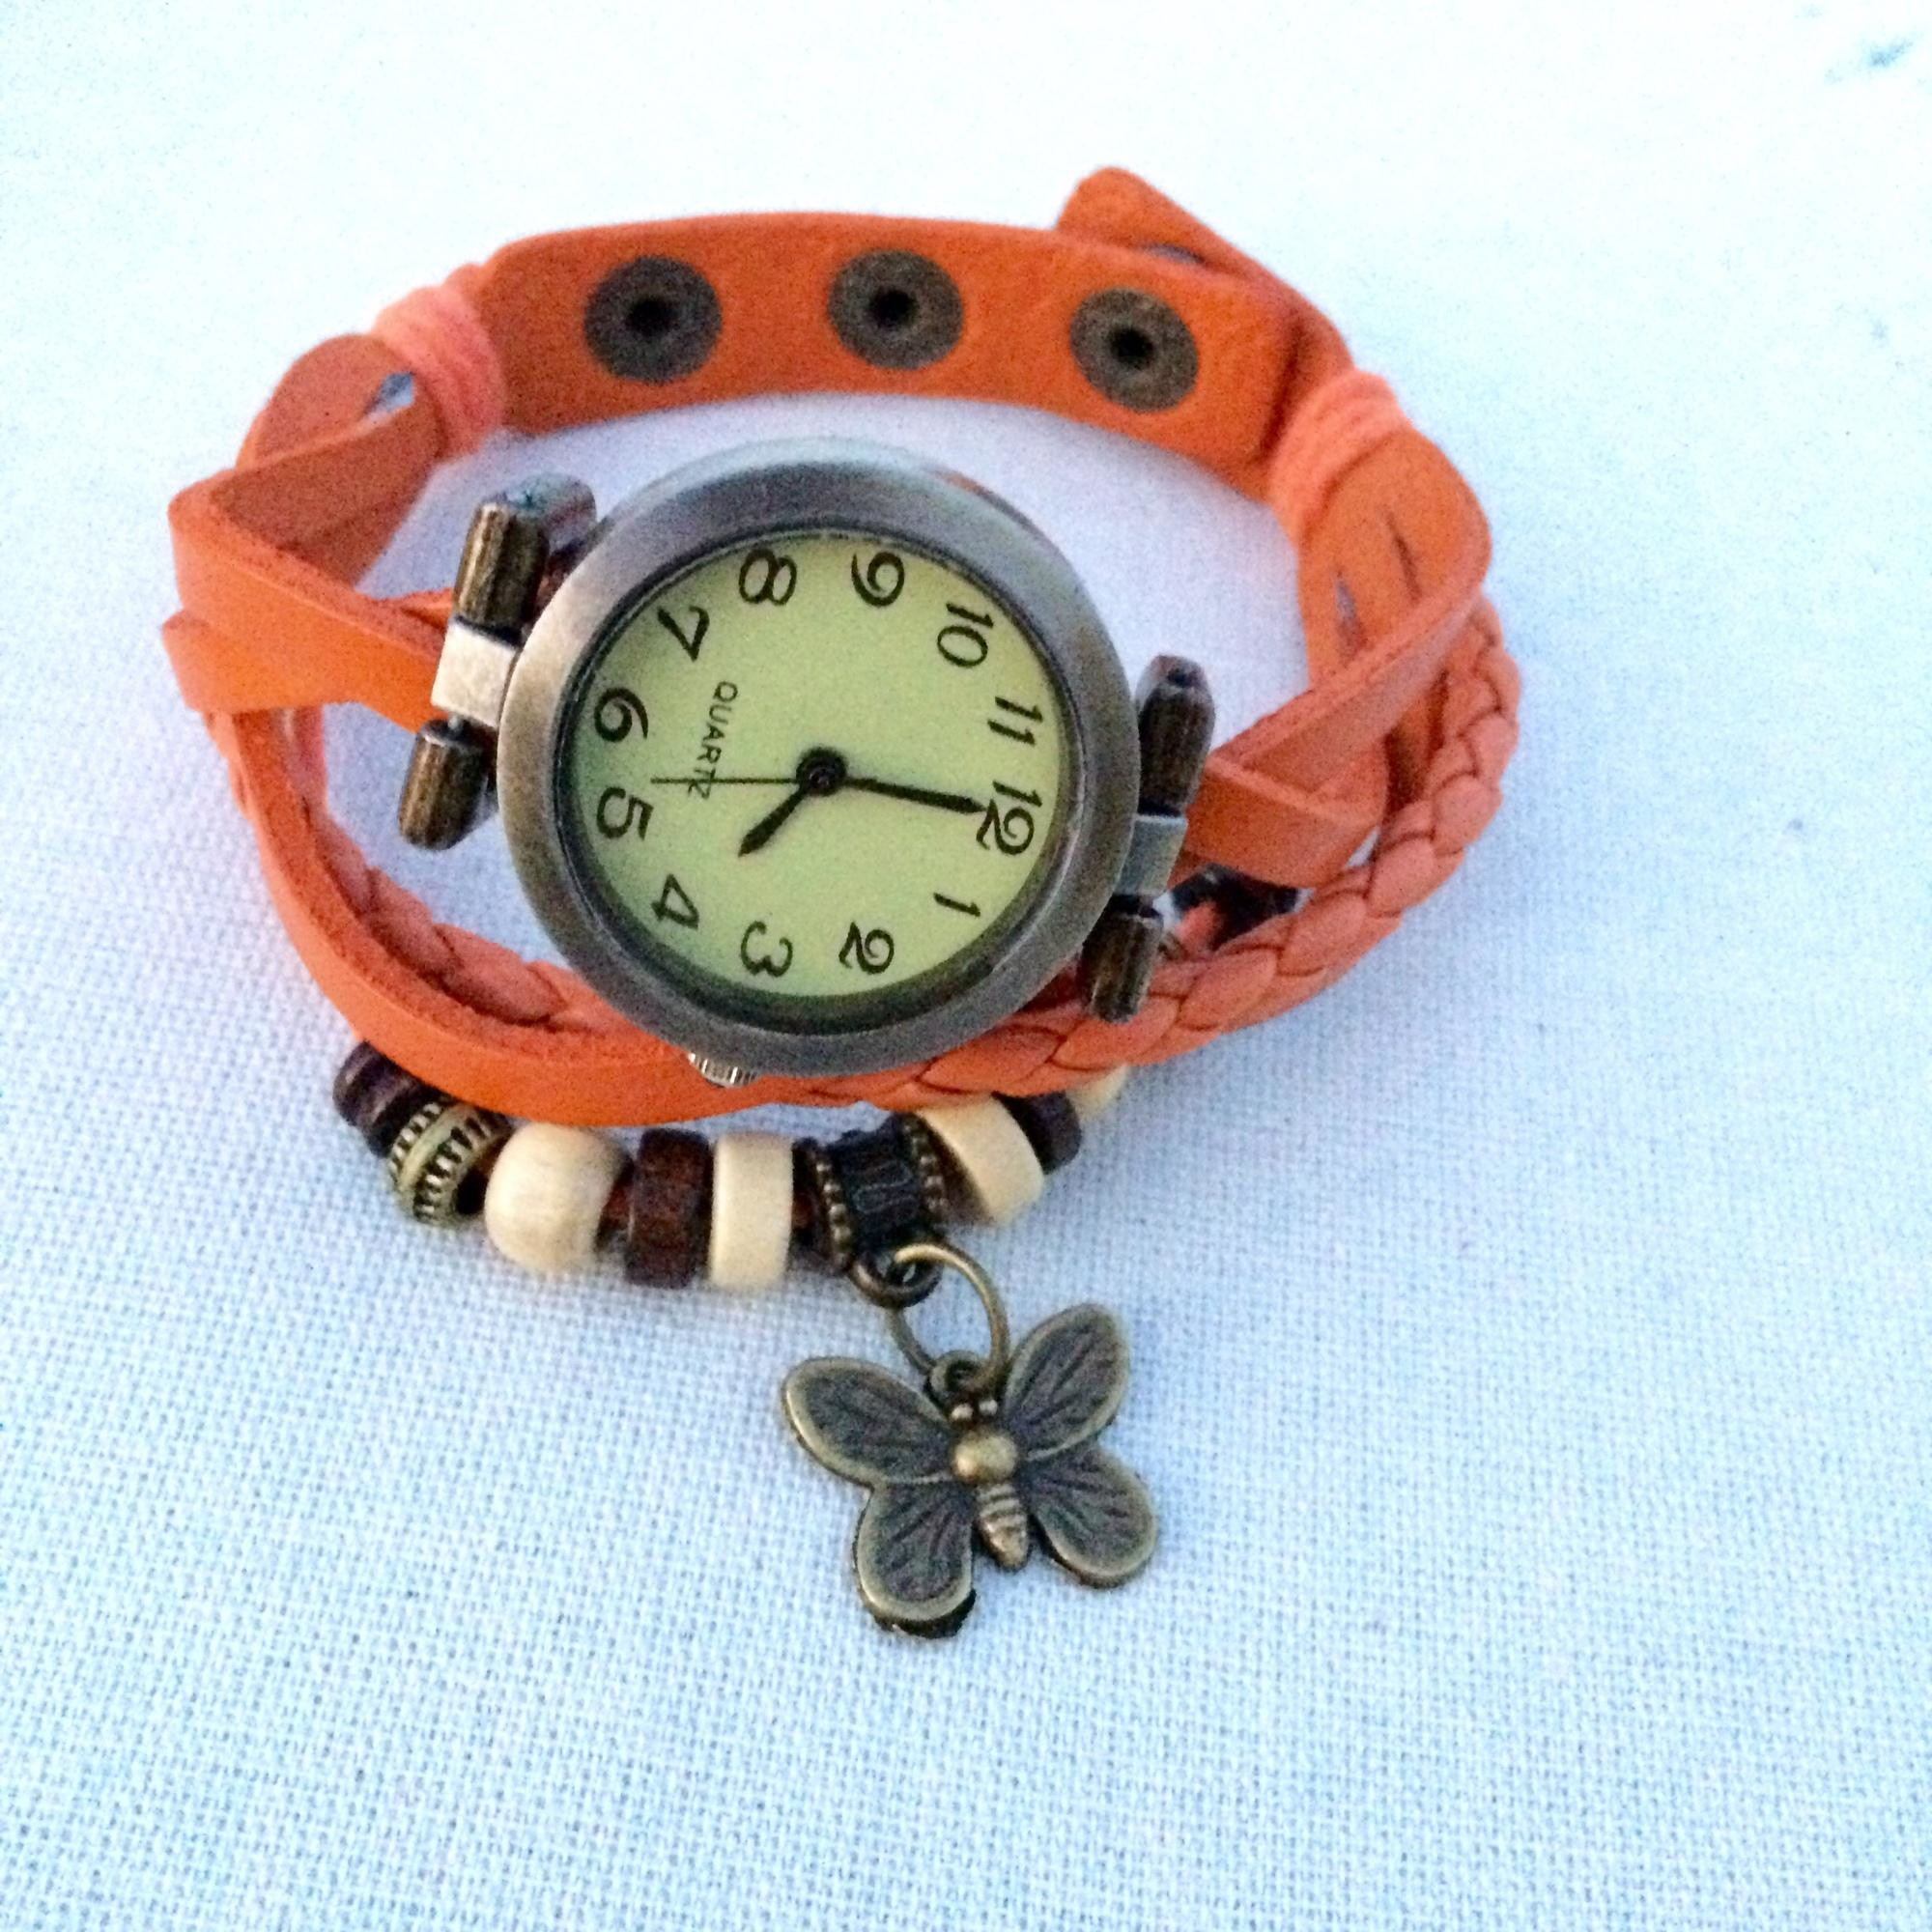 9de5865a433 Relógio De Pulso Feminino em Couro Laranja Vintage no Elo7